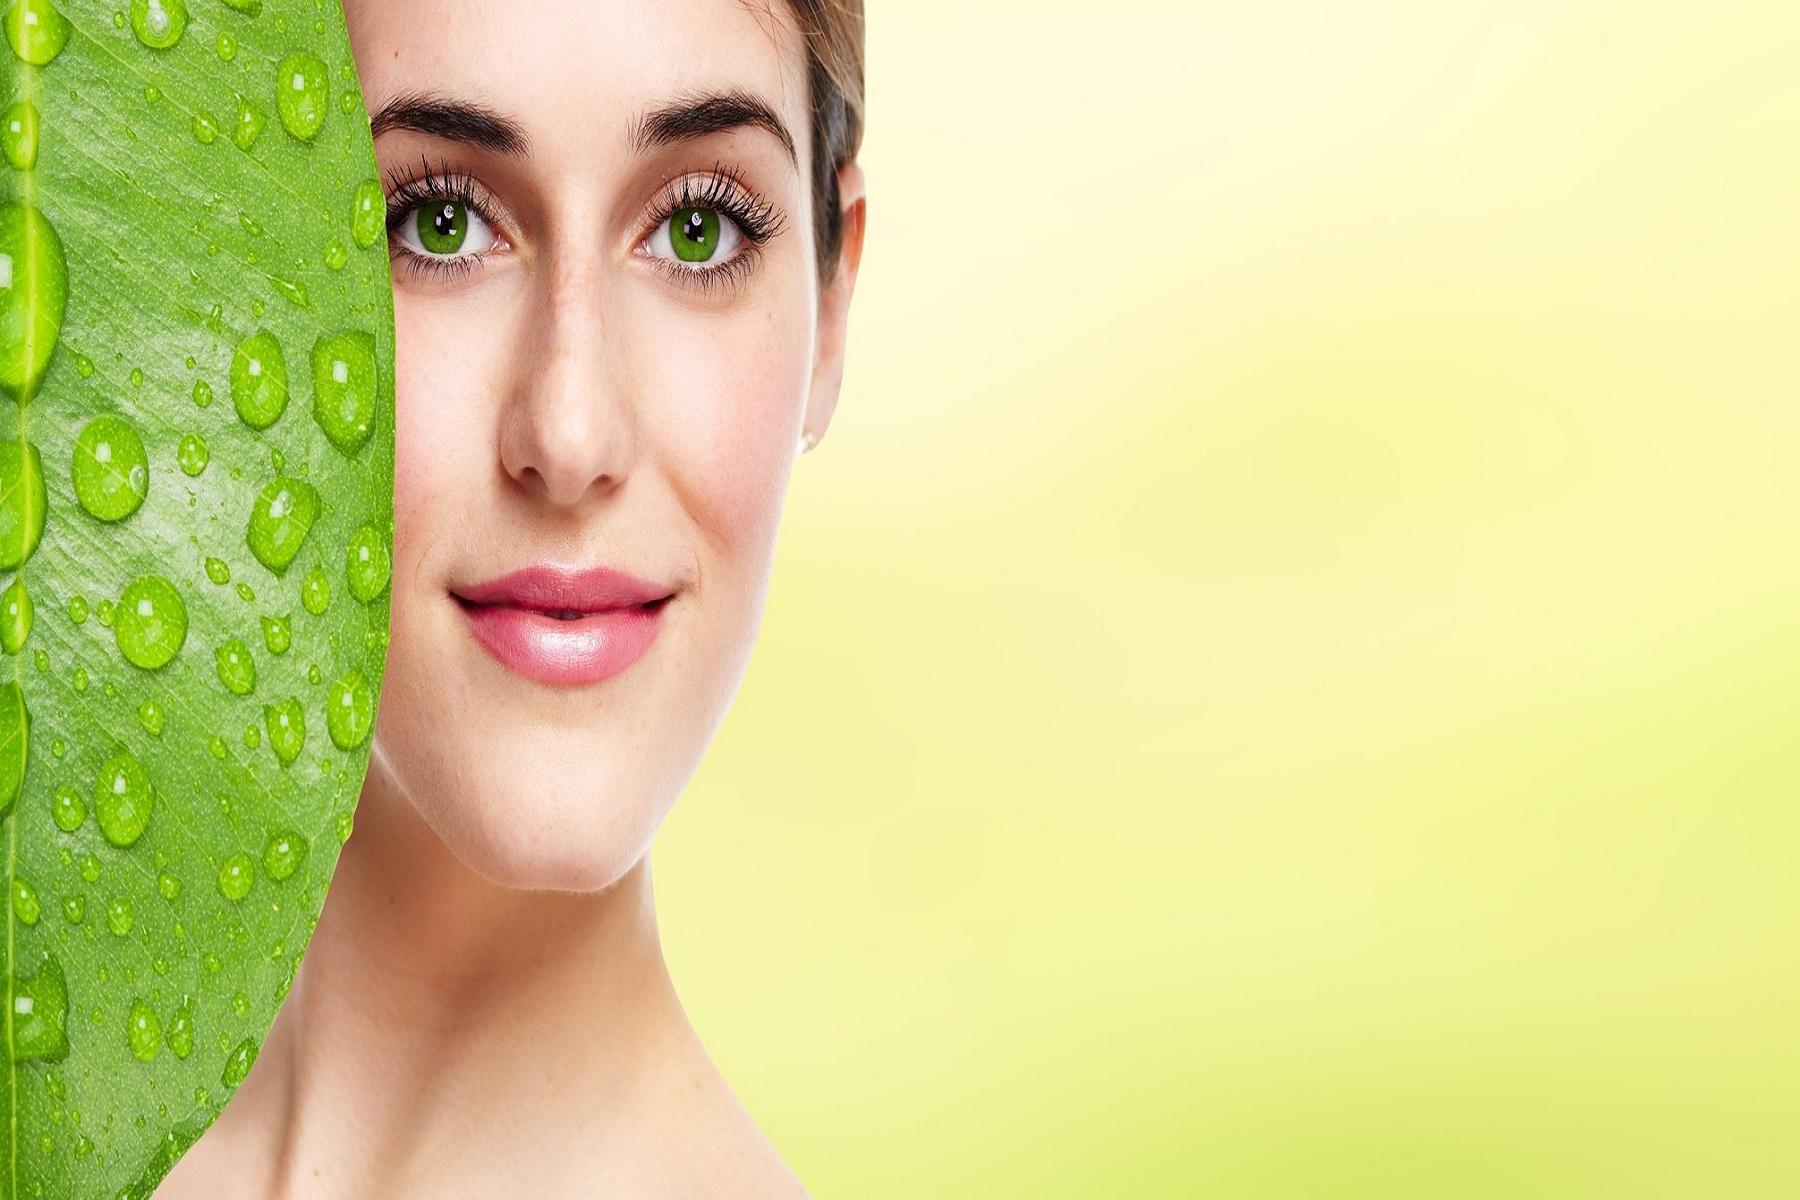 Ελαστικότητα Δέρμα: Πώς να αυξήσετε το κολλαγόνο στο σώμα σας